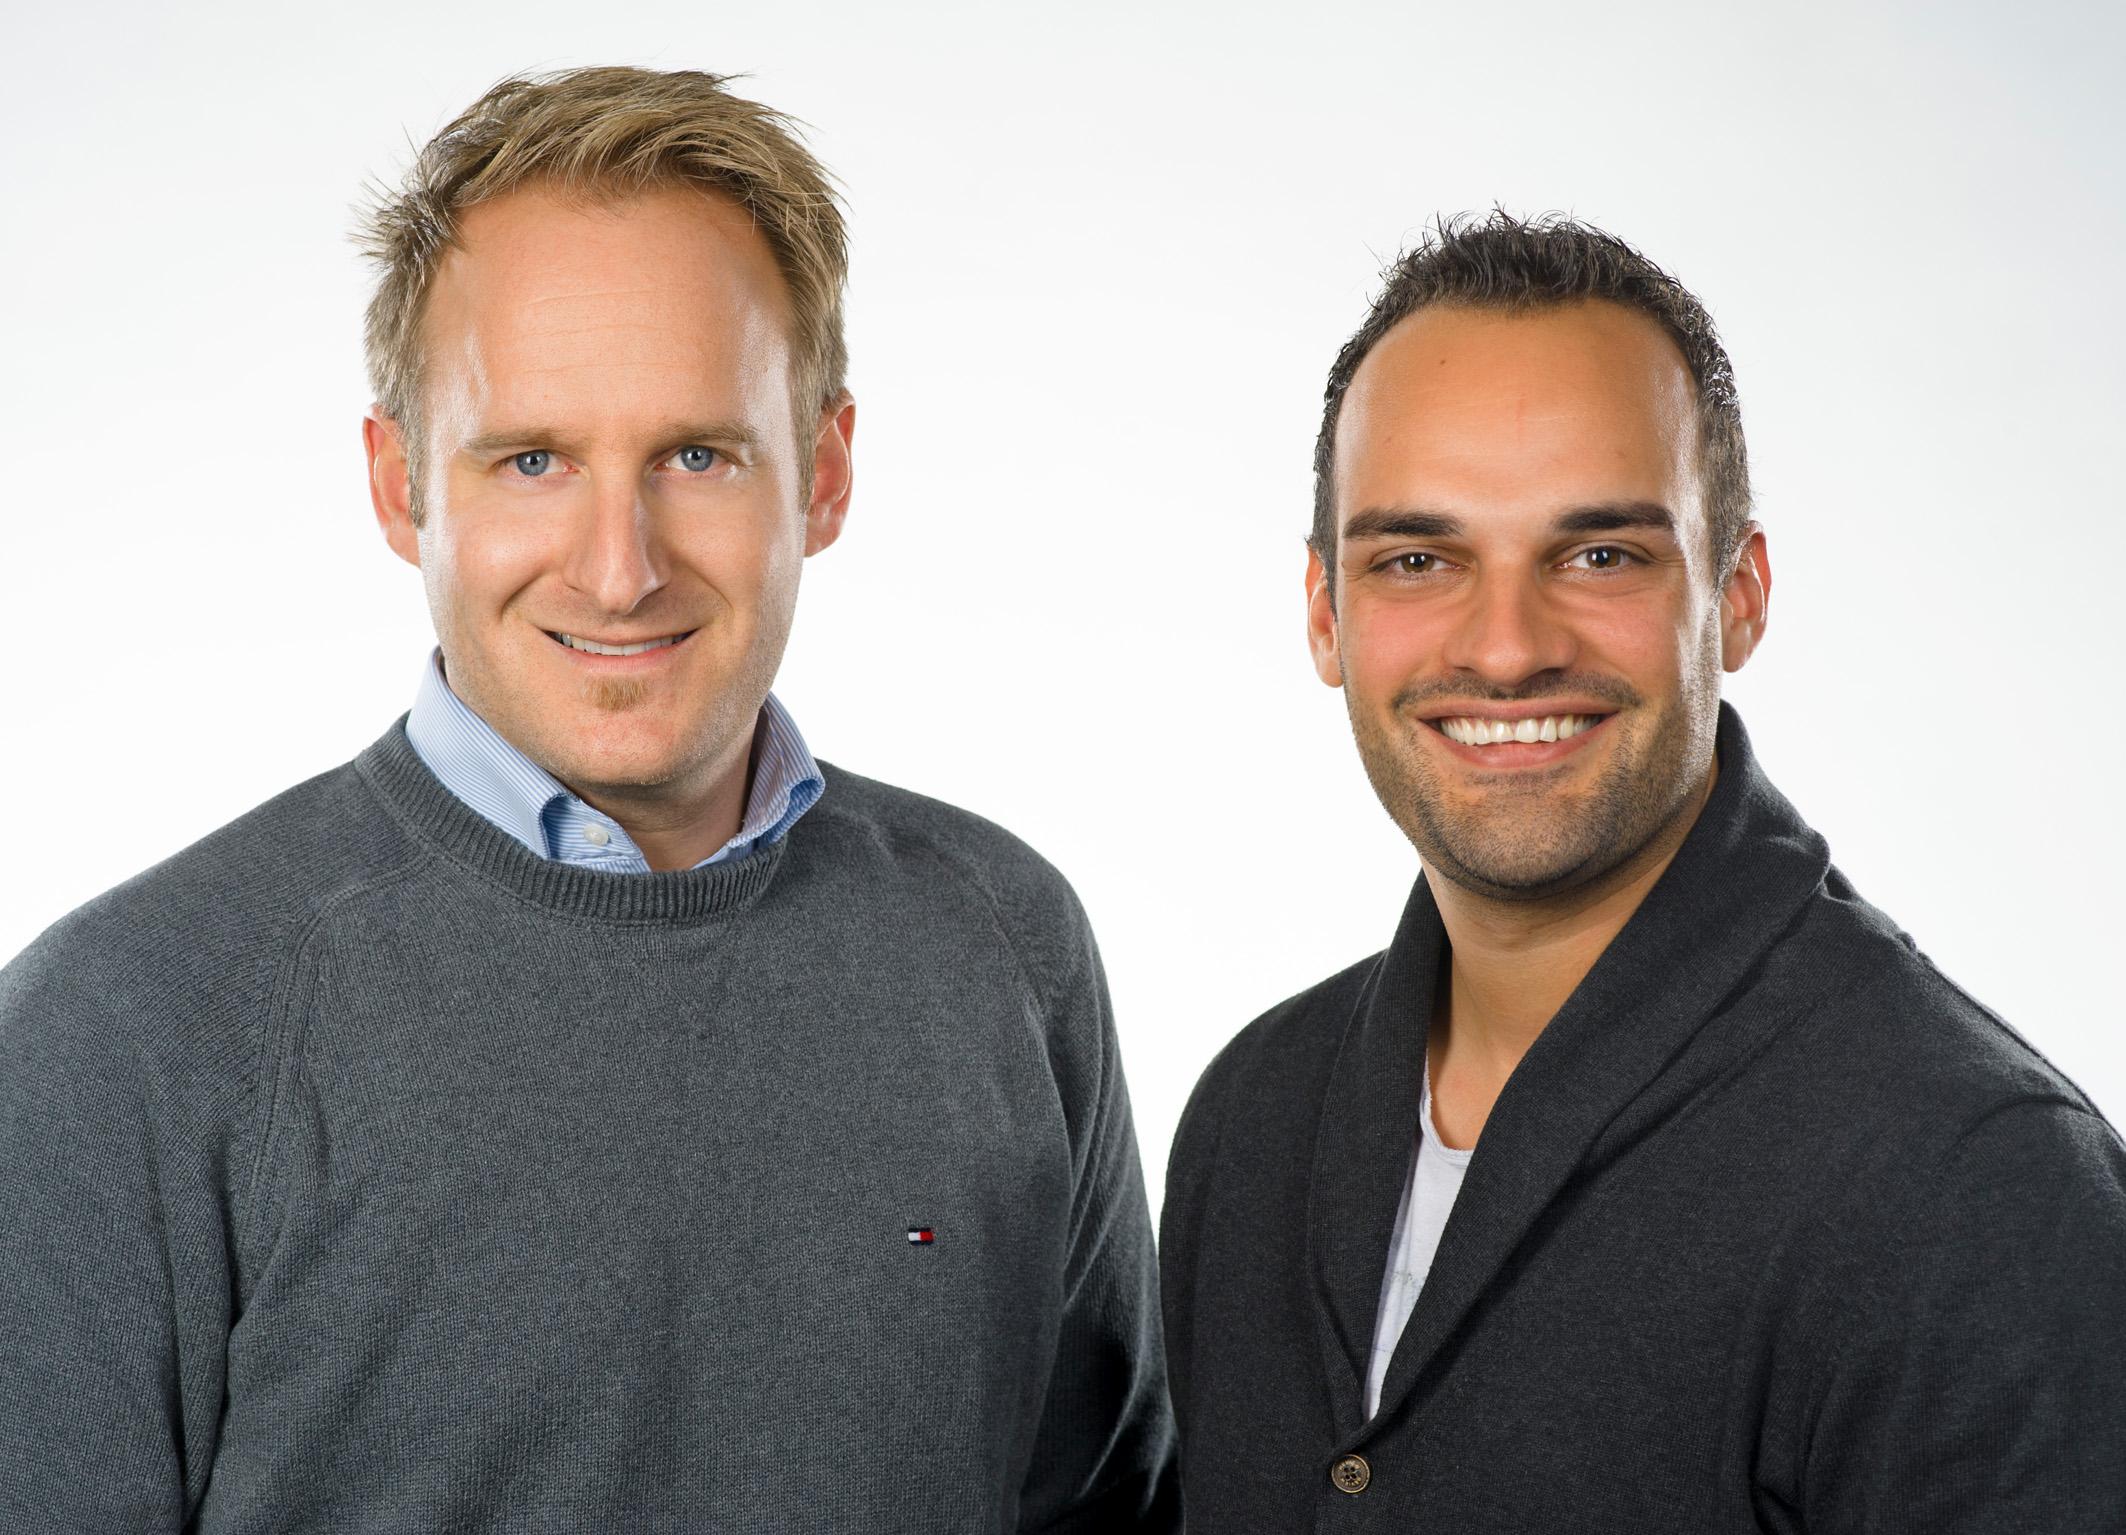 KESCH Gr�nder Thomas Kenyeri und Lukas Sch�tz 14. Juni 2021